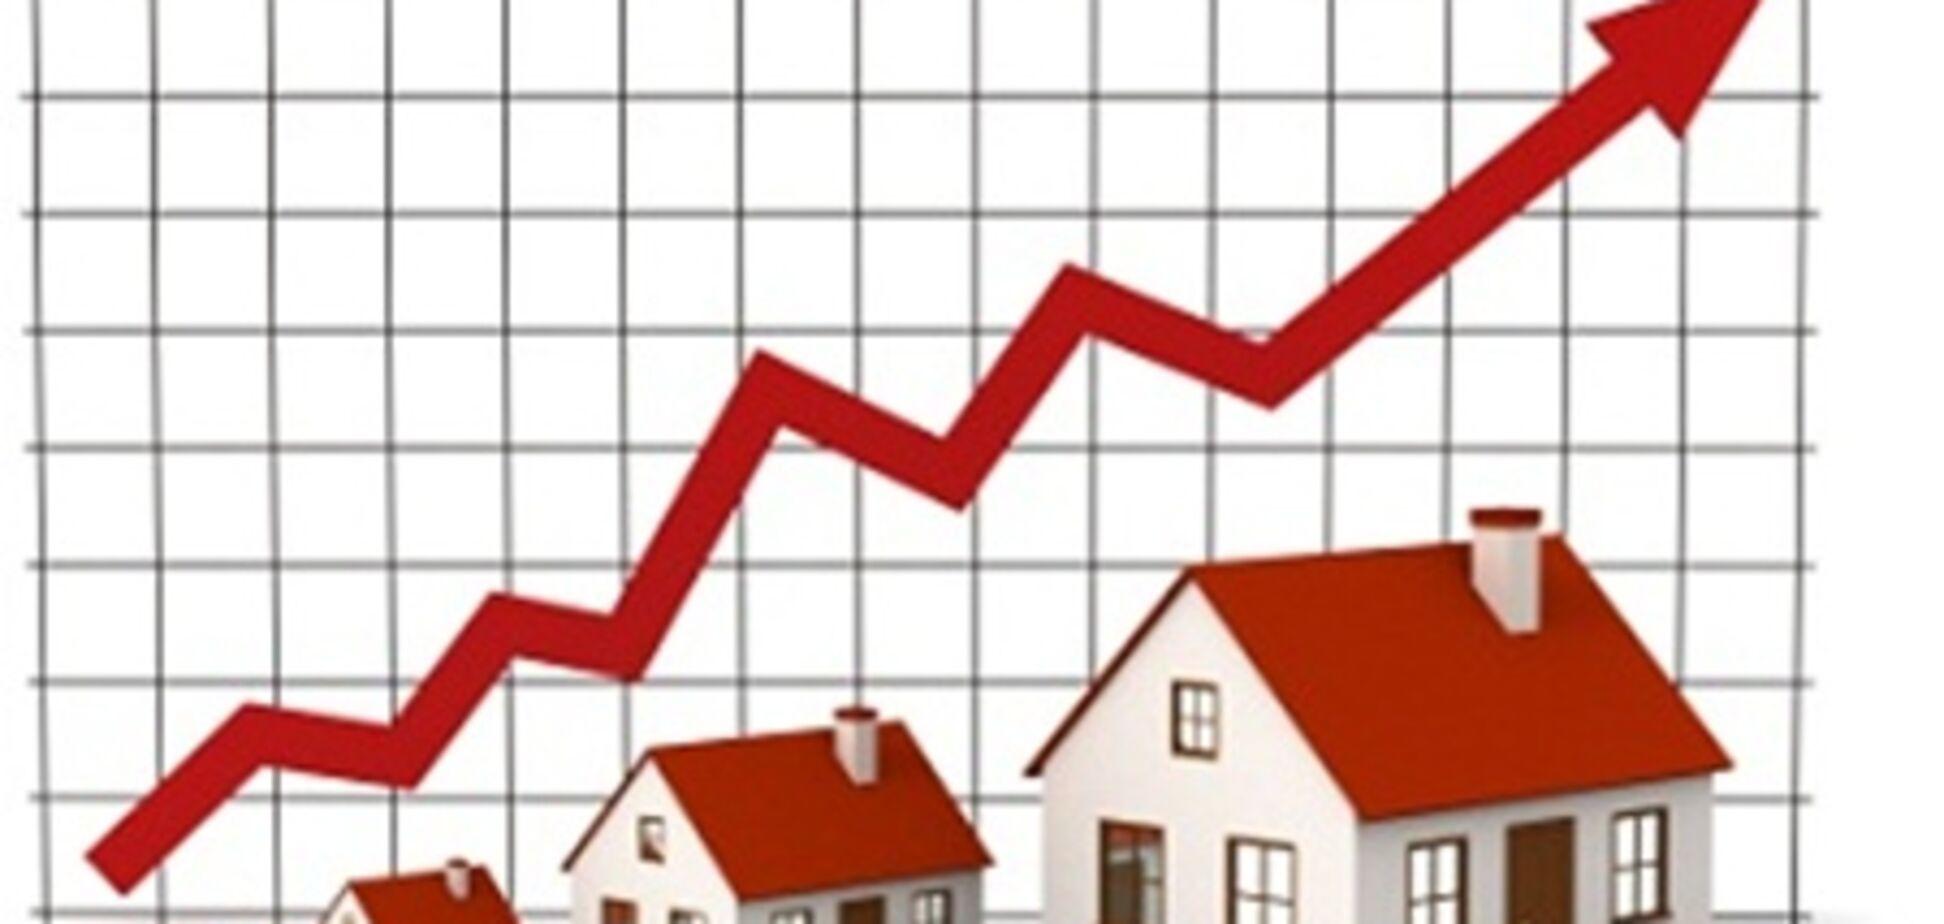 Цены на жилье выросли во всех основных городах Украины